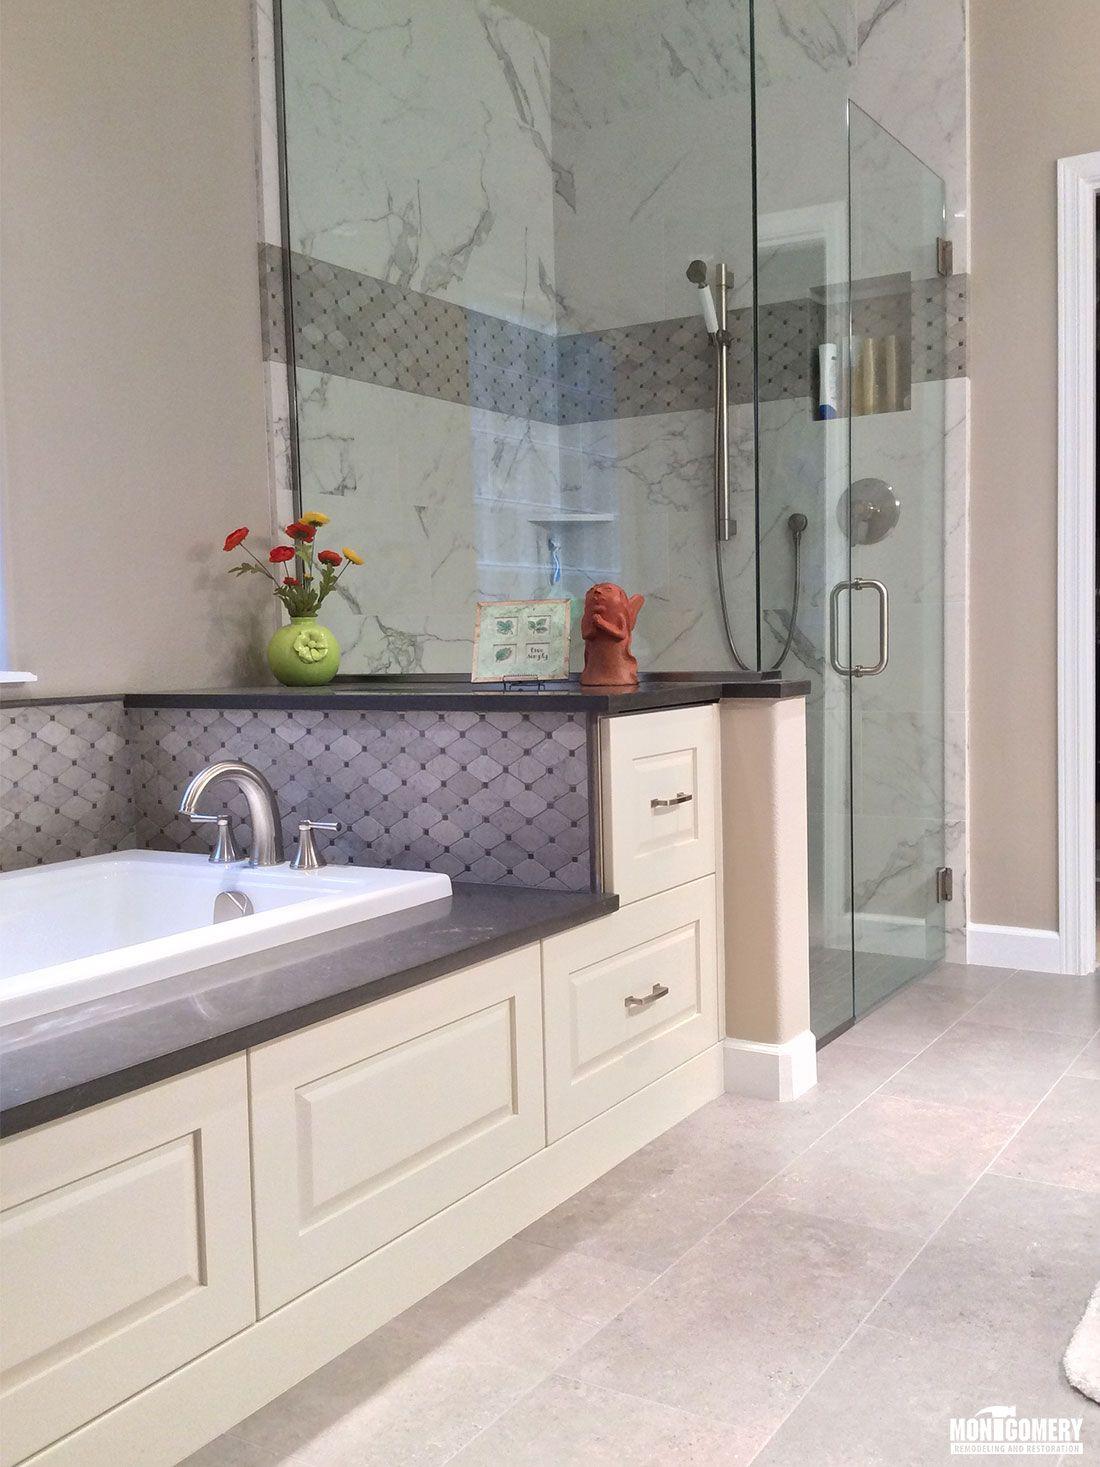 Multiple Bathroom Upgrades Montgomery Remodeling And Restoration - Bathroom remodel bend oregon